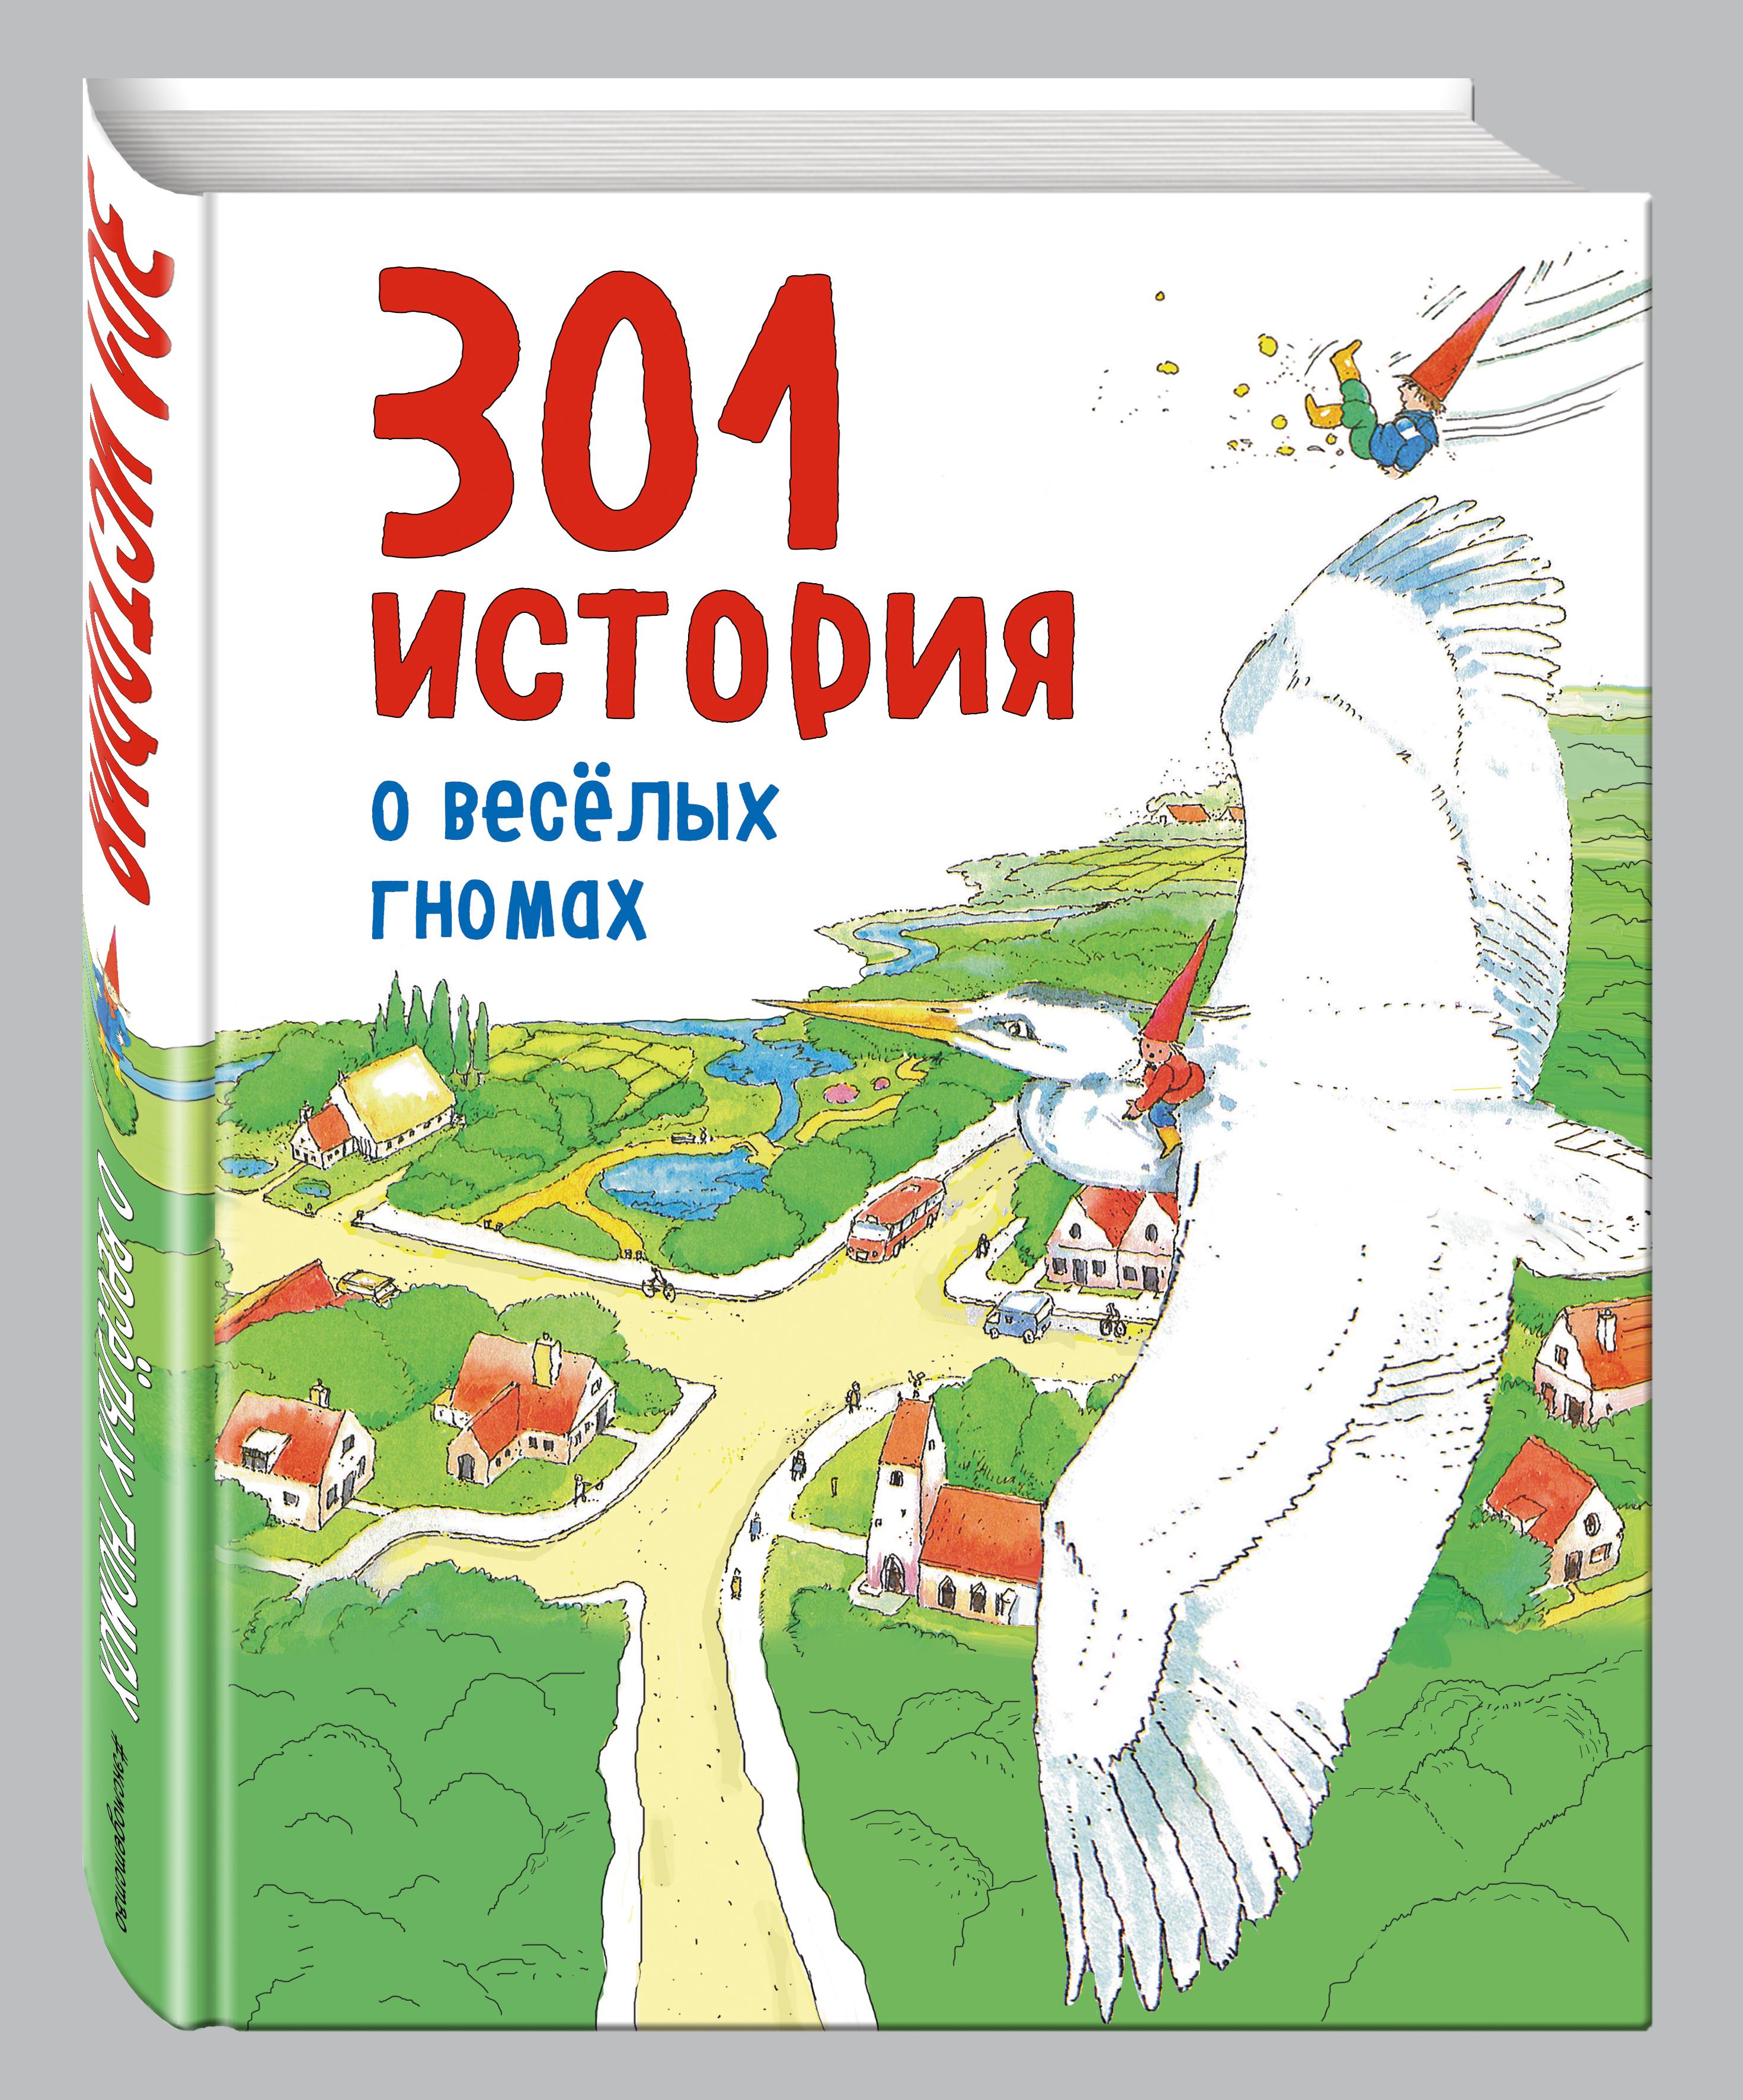 301 история о веселых гномах